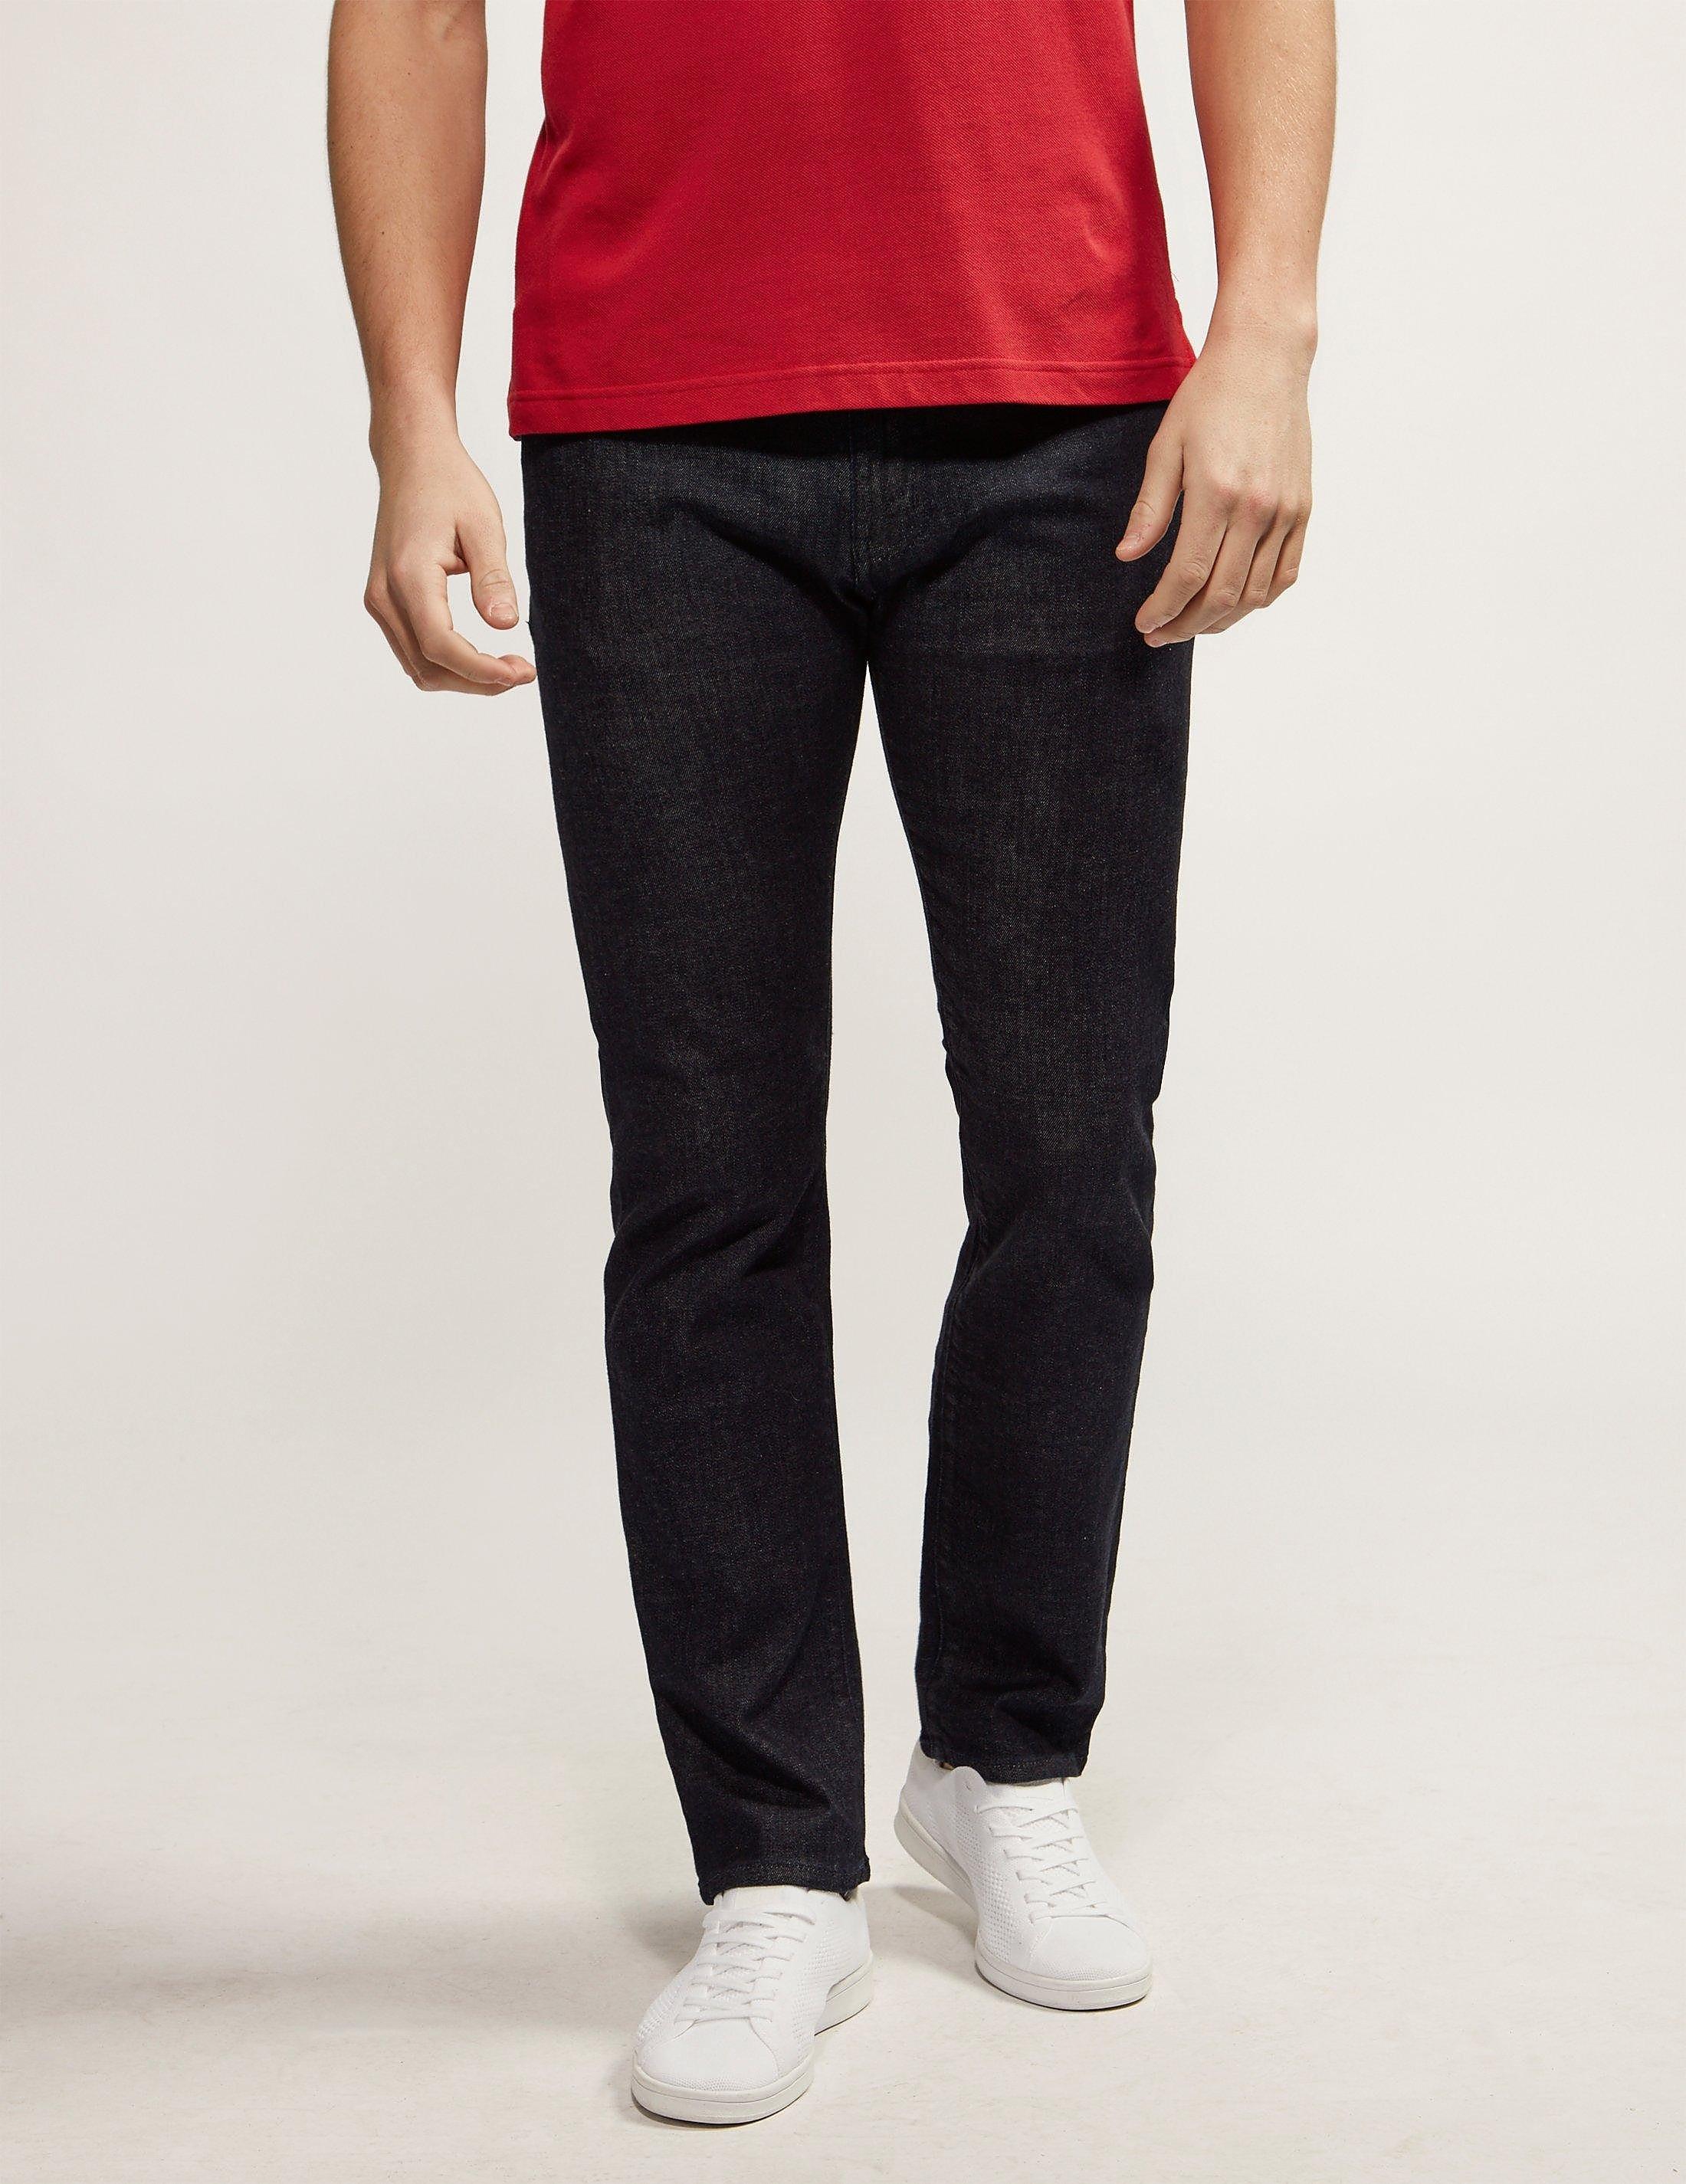 Armani Jeans J45 Slim Fit Jeans